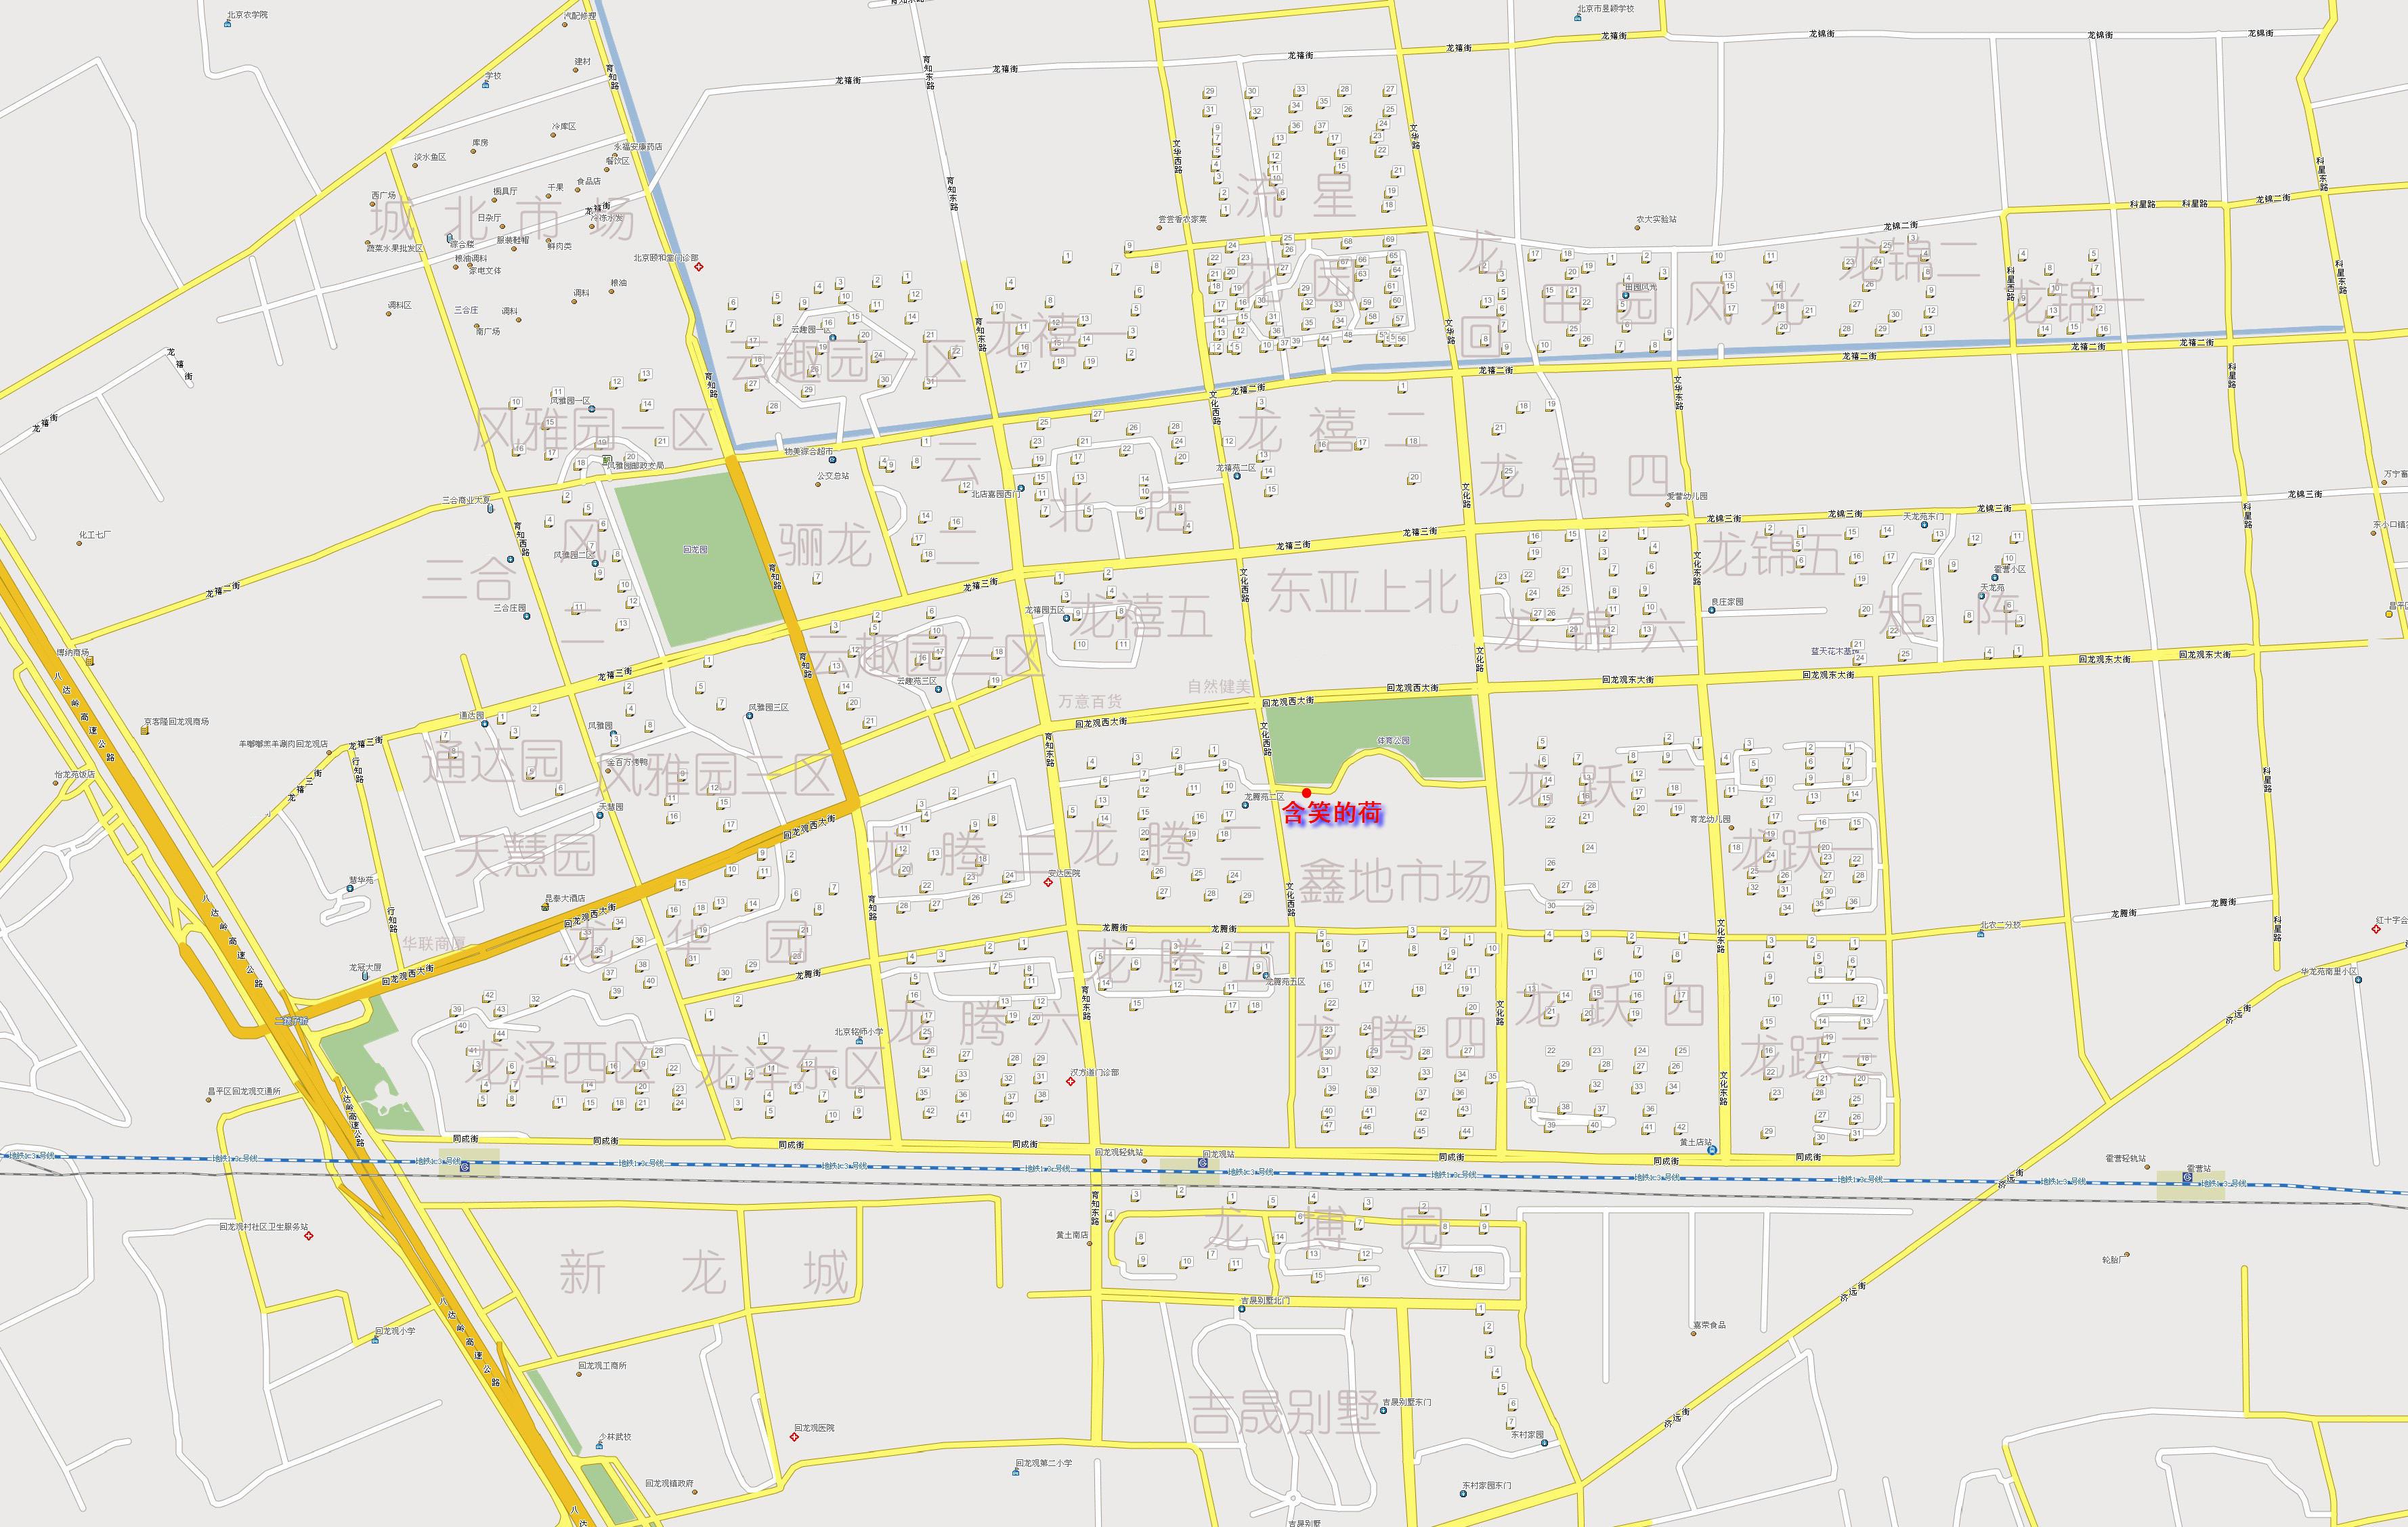 【回龙观电子地图.标注了各个小区,大部分小区内部精确到楼的号码.】